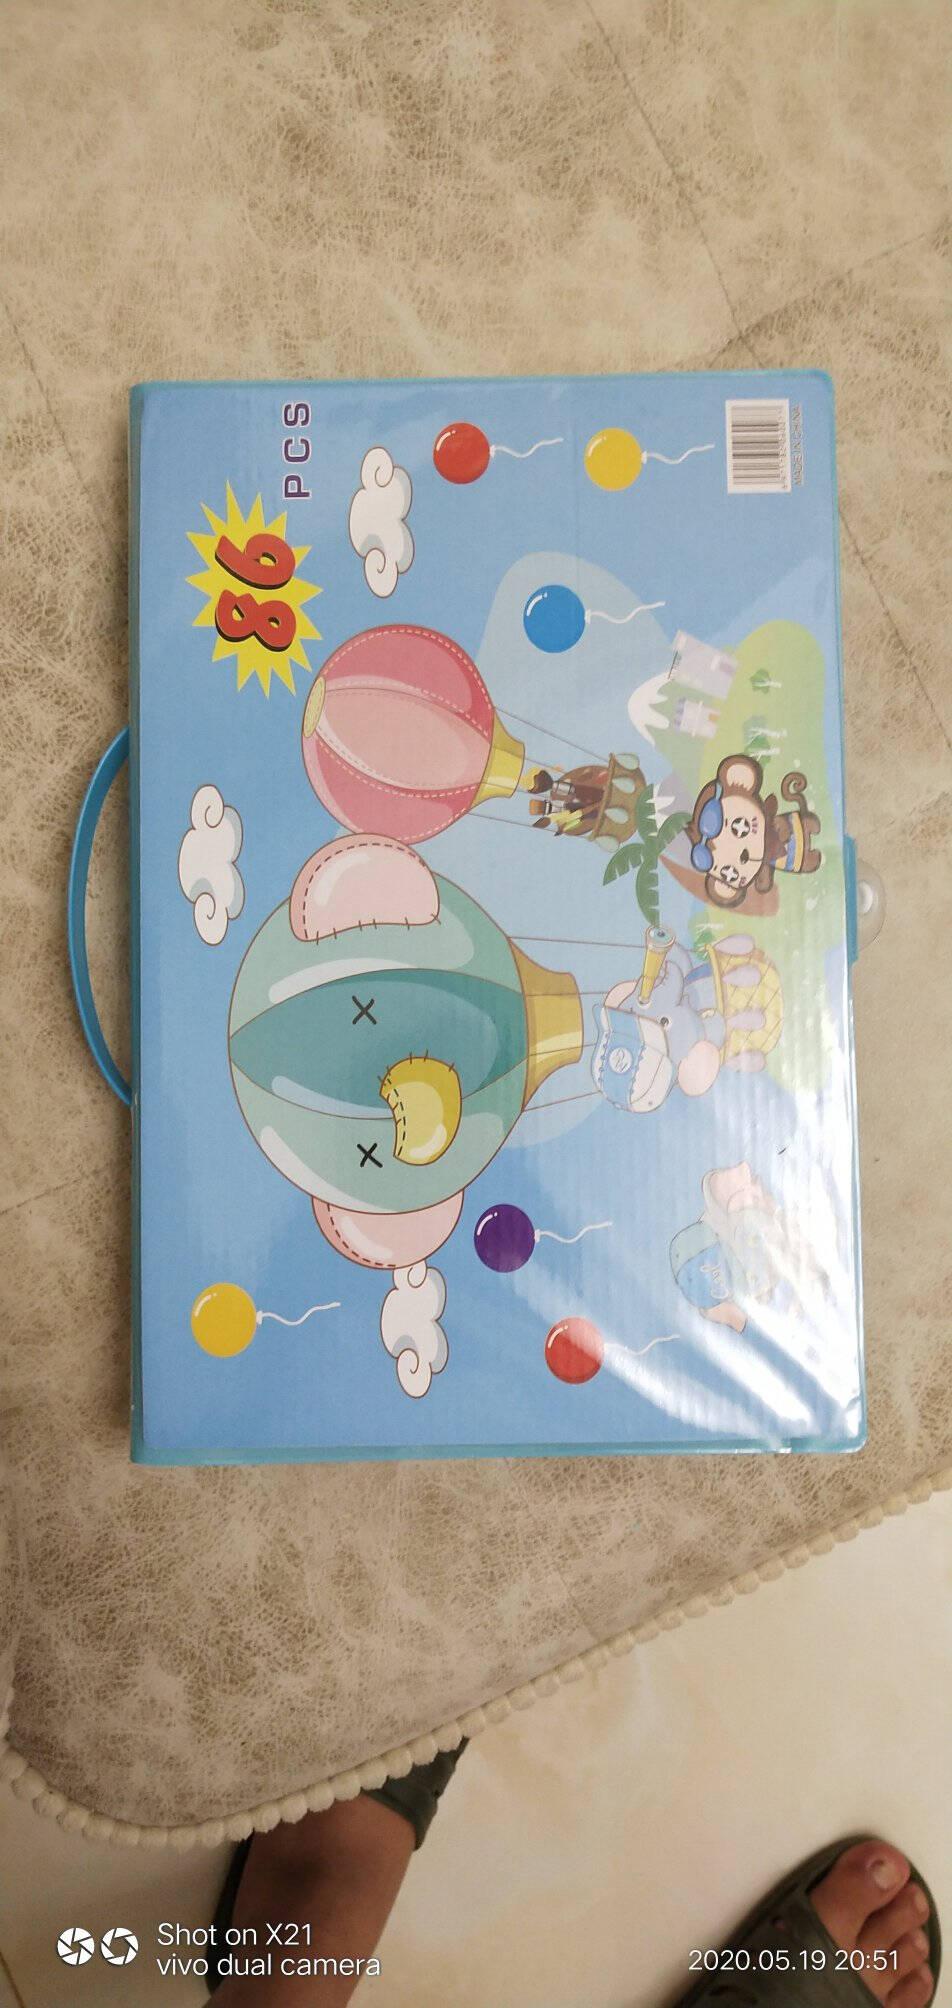 欧可文(Okevin)儿童画笔套装画画工具套装小学生六一节日礼物水彩笔初学者画笔礼盒绘画玩具蜡笔86件套-粉色